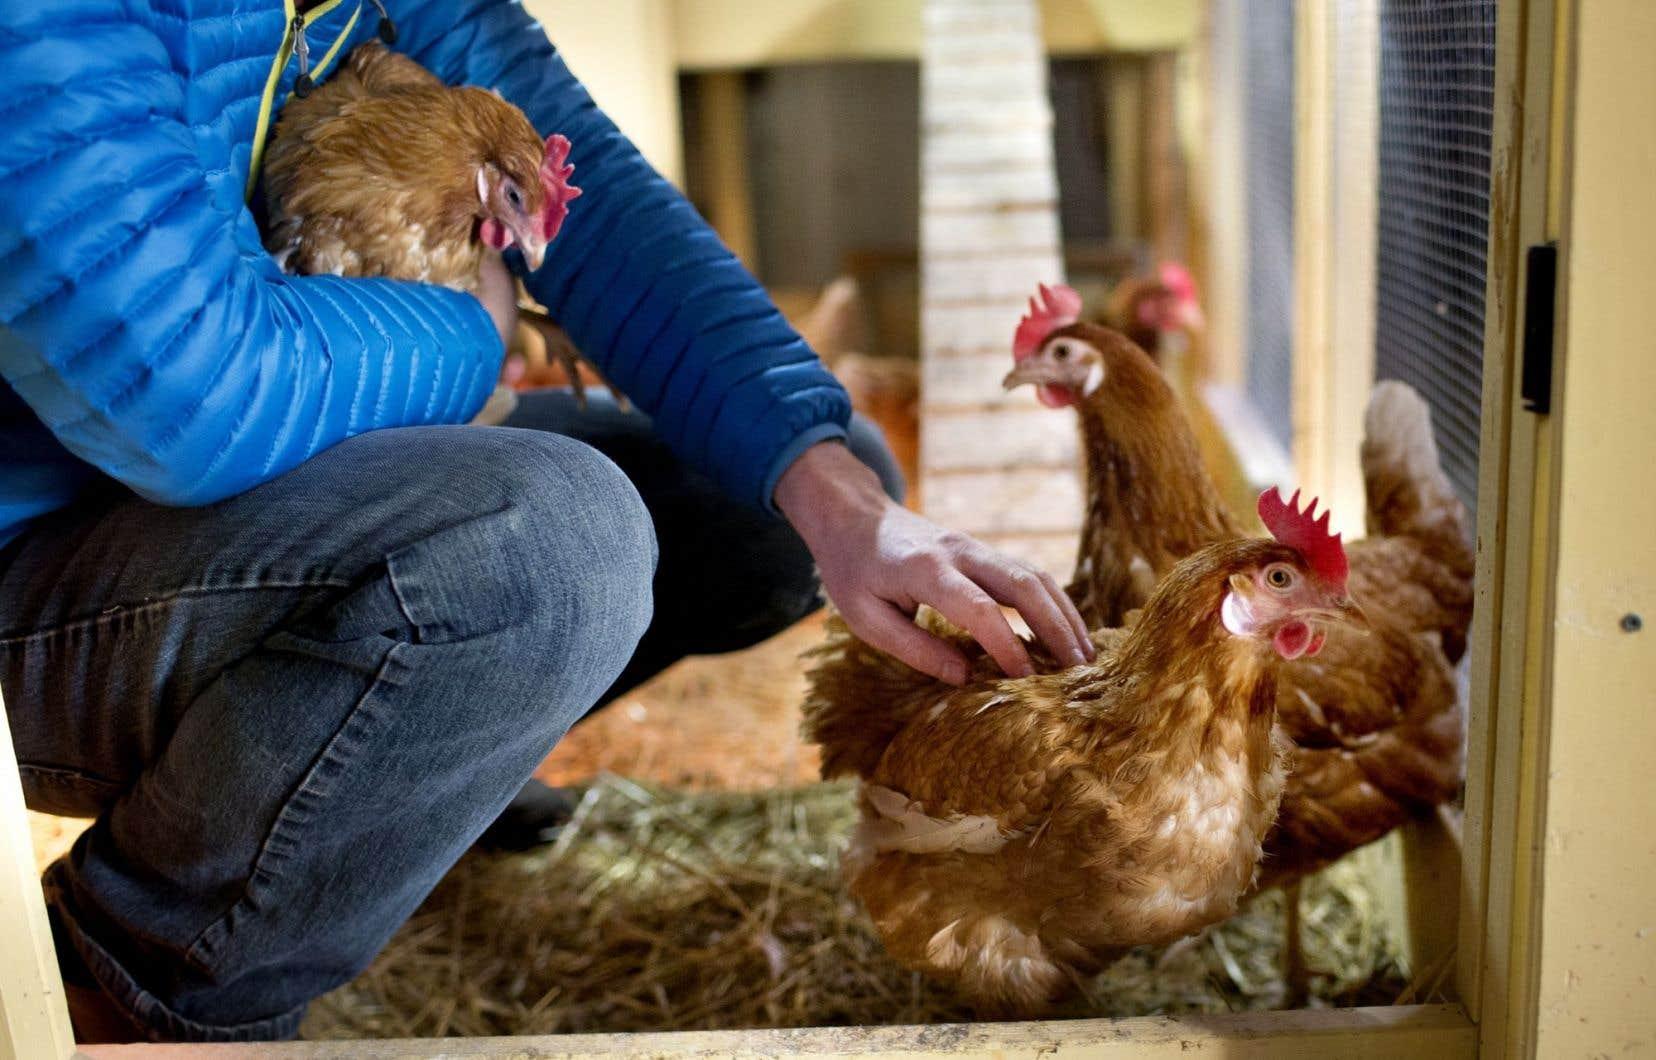 Cette nouvelle réglementation fait suite à des demandes faites auprès des élus de l'arrondissement par des citoyens qui souhaitaient garder des poules.